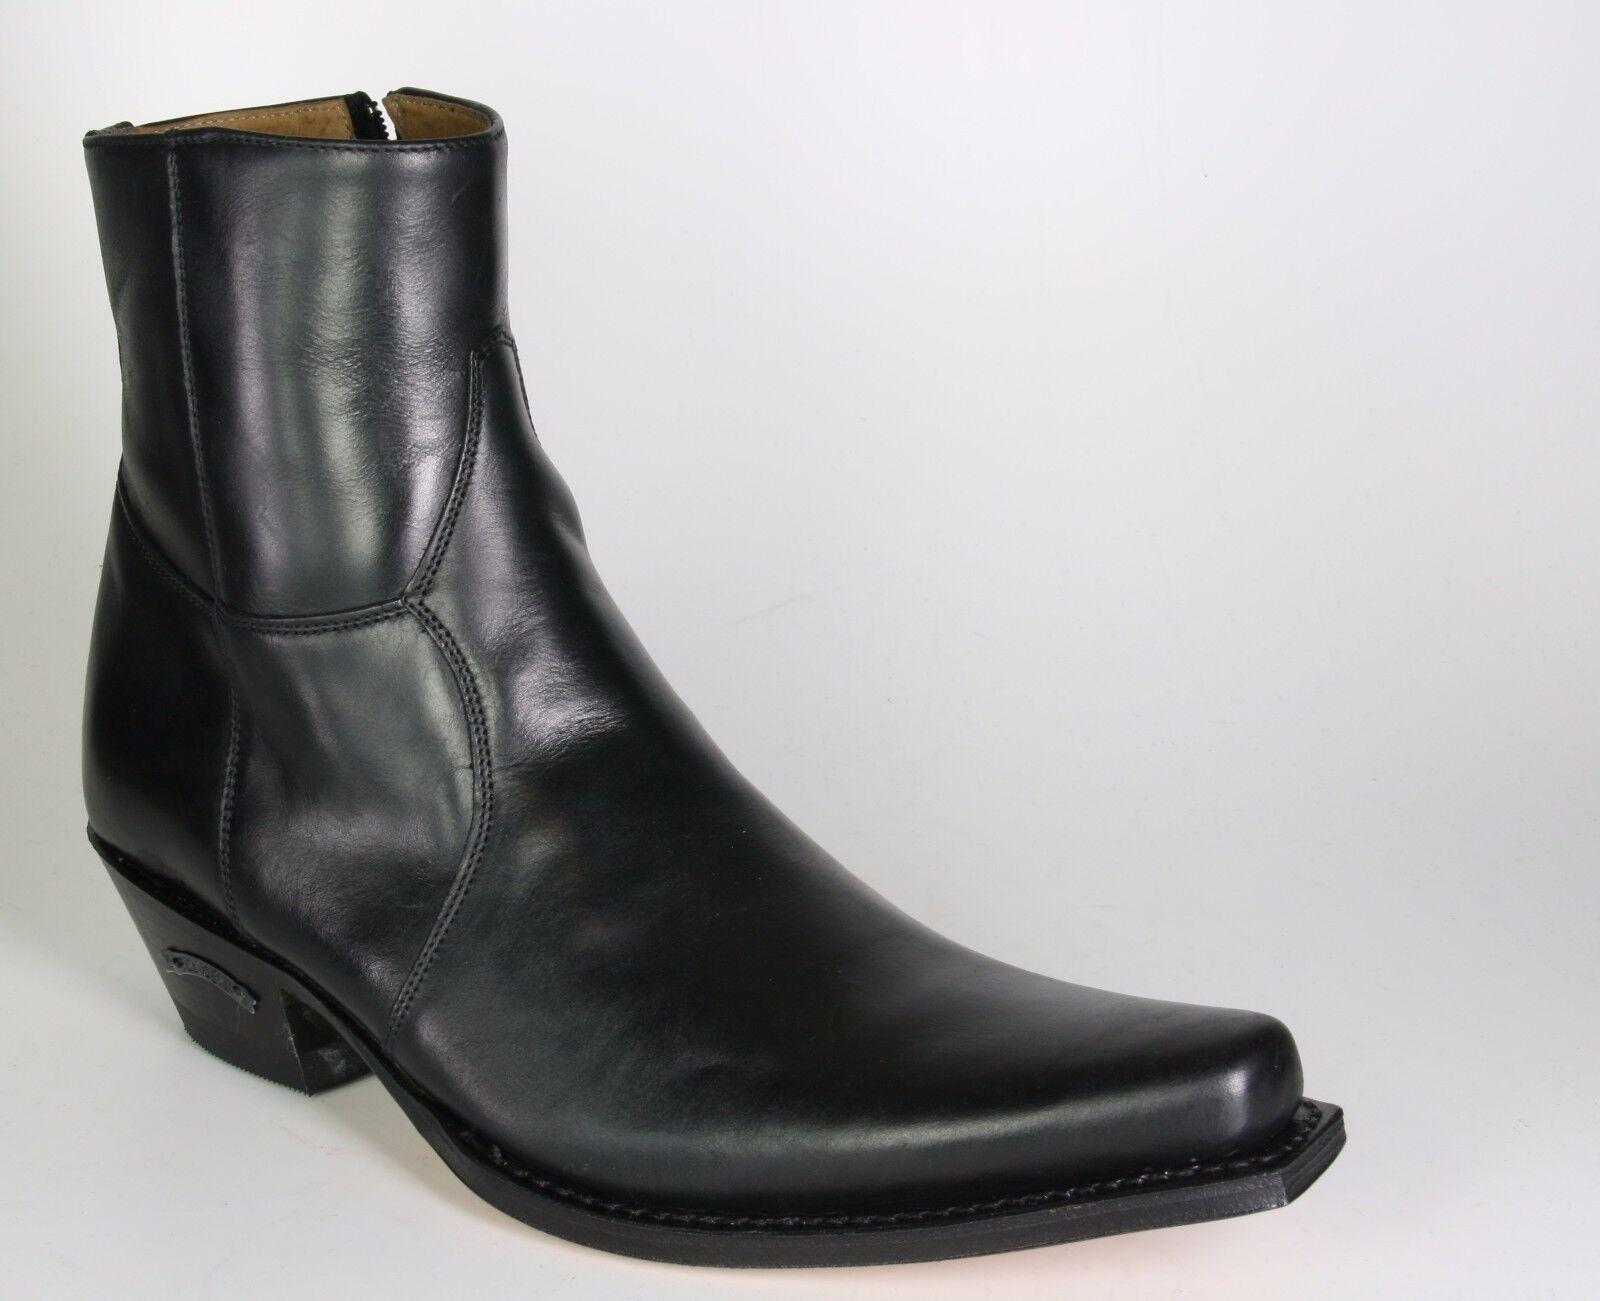 5200 Sendra Bottines Luca Monténégro Noir Cadre Cousue Chaussures